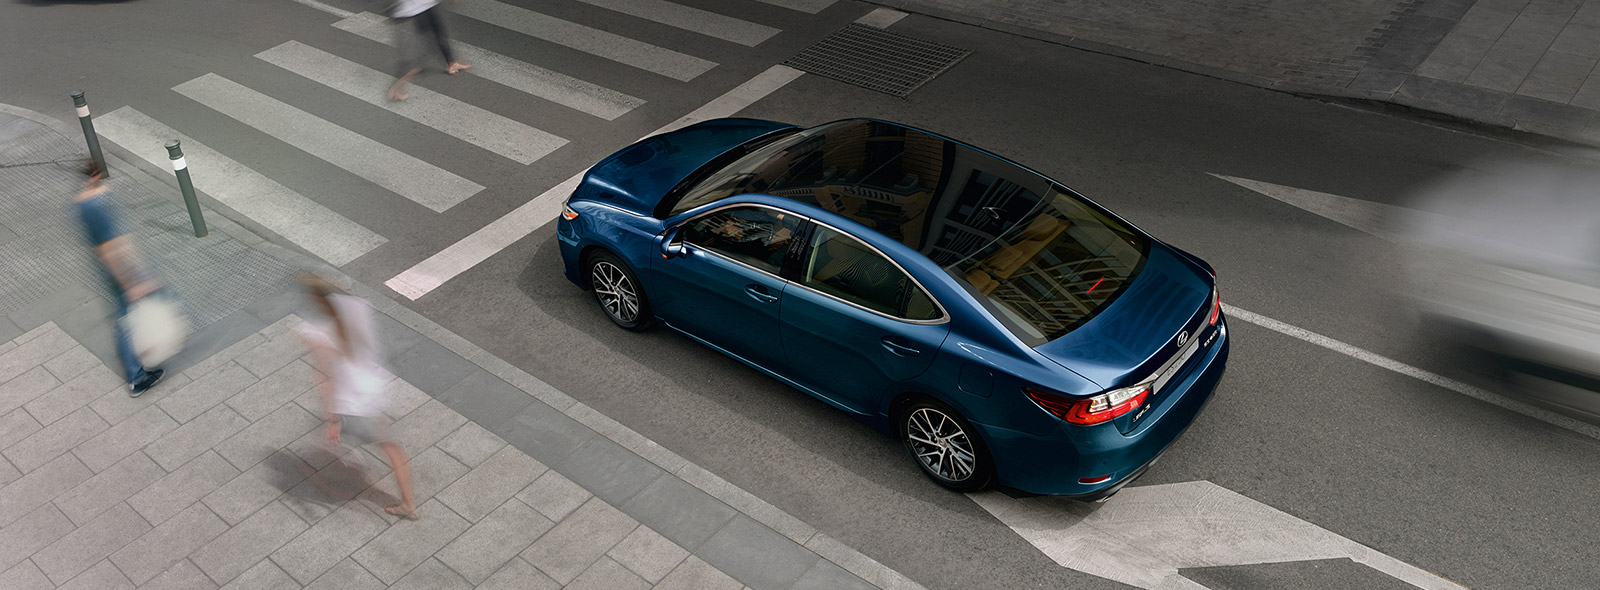 Безопасность вождения нового Lexus ES 250